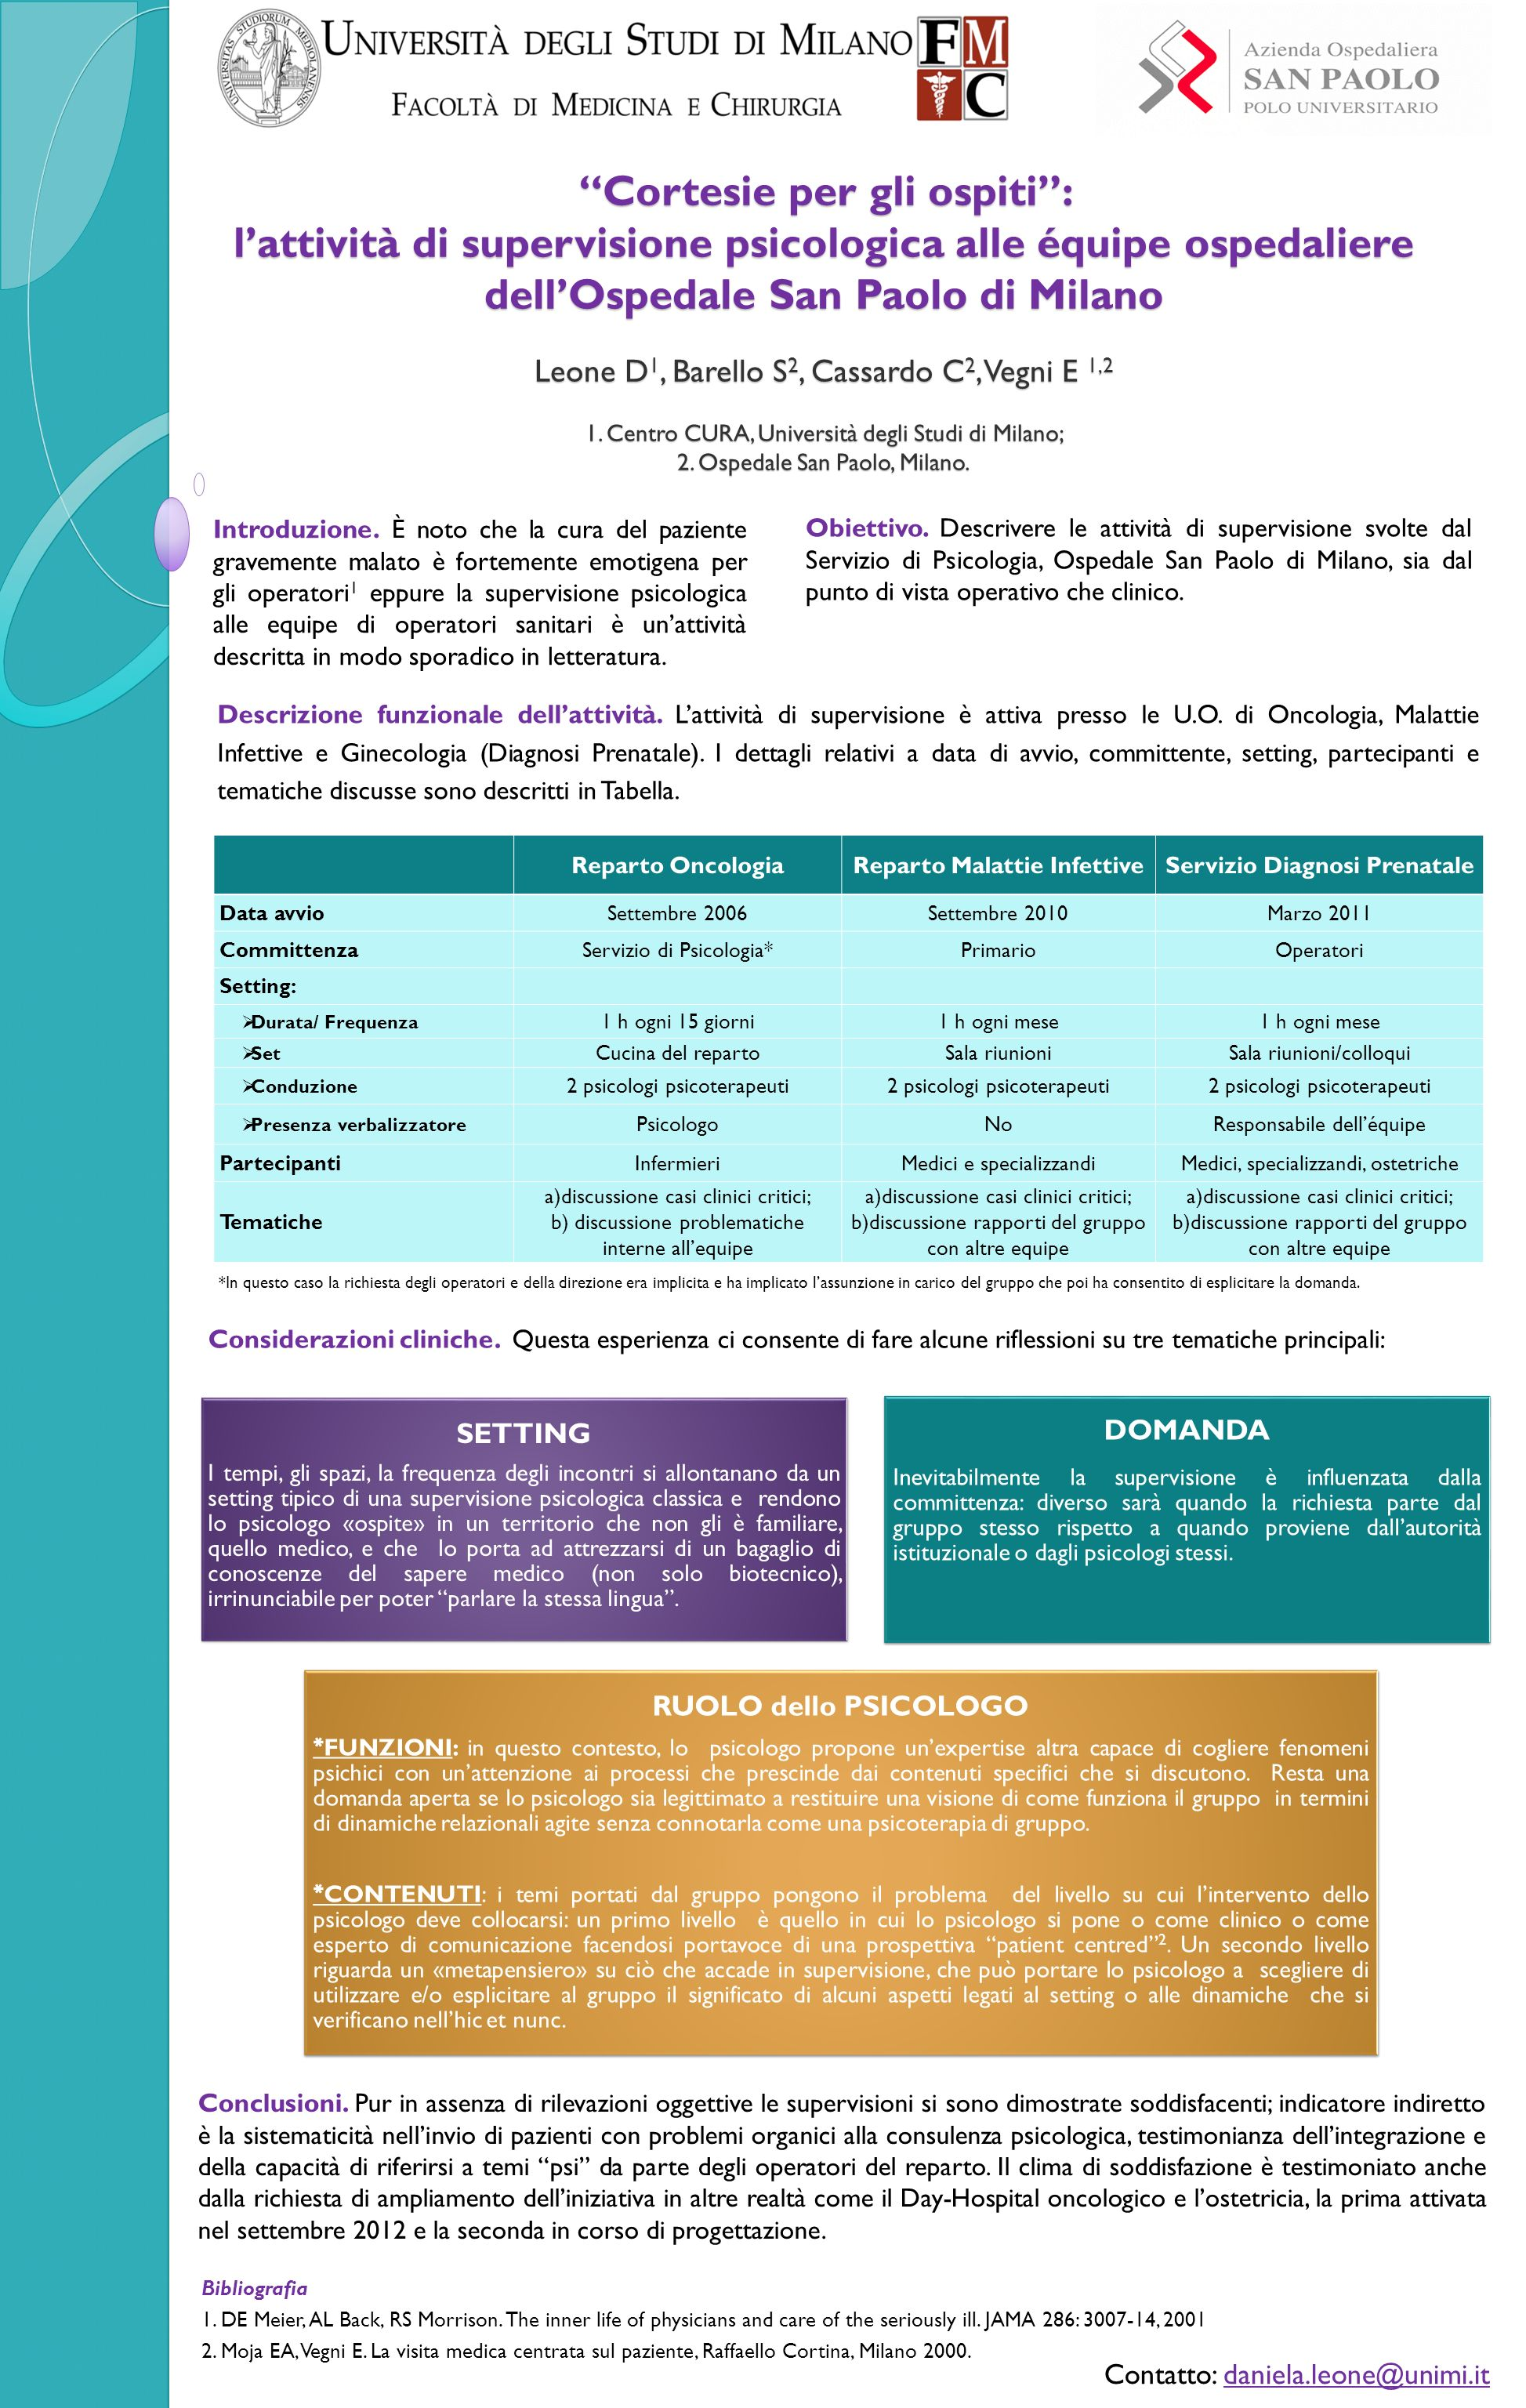 Reparto Malattie Infettive Servizio Diagnosi Prenatale